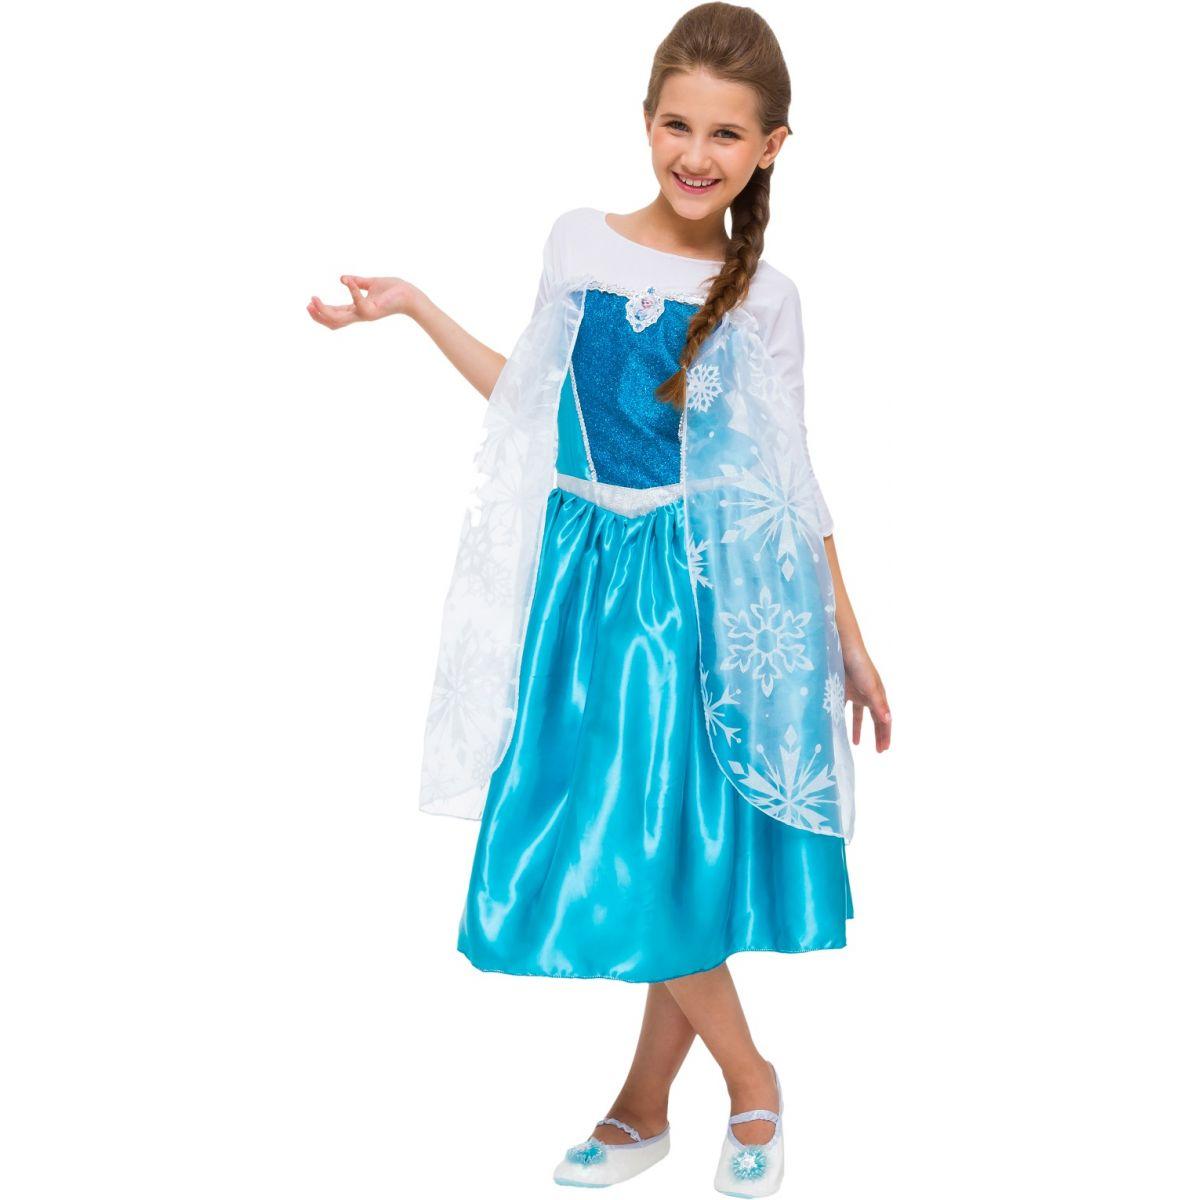 Fantasia Elsa Frozen Infantil Luxo com Capa Princesa Disney